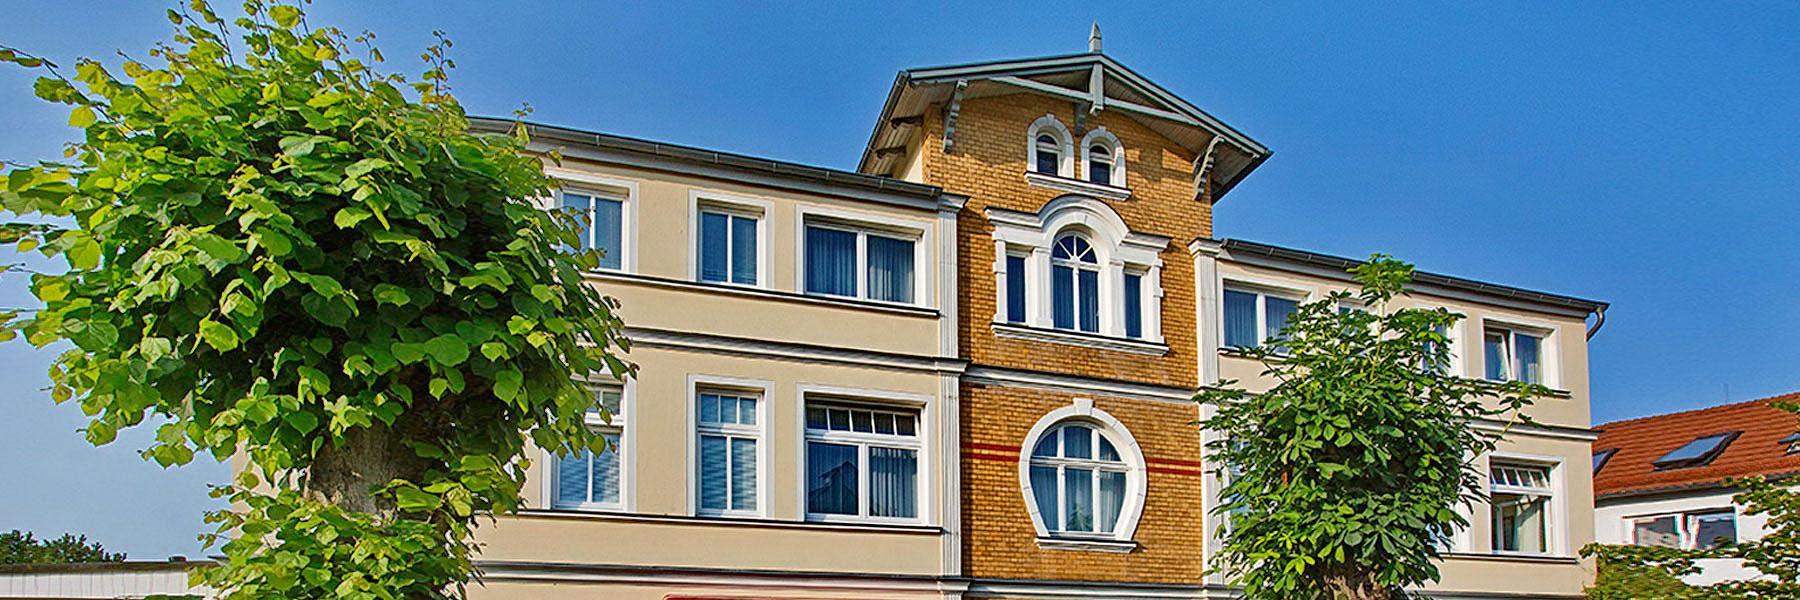 Vorderansicht - Villa Edda (Hotel-Garni - Ferienwohnungen - Appartements)